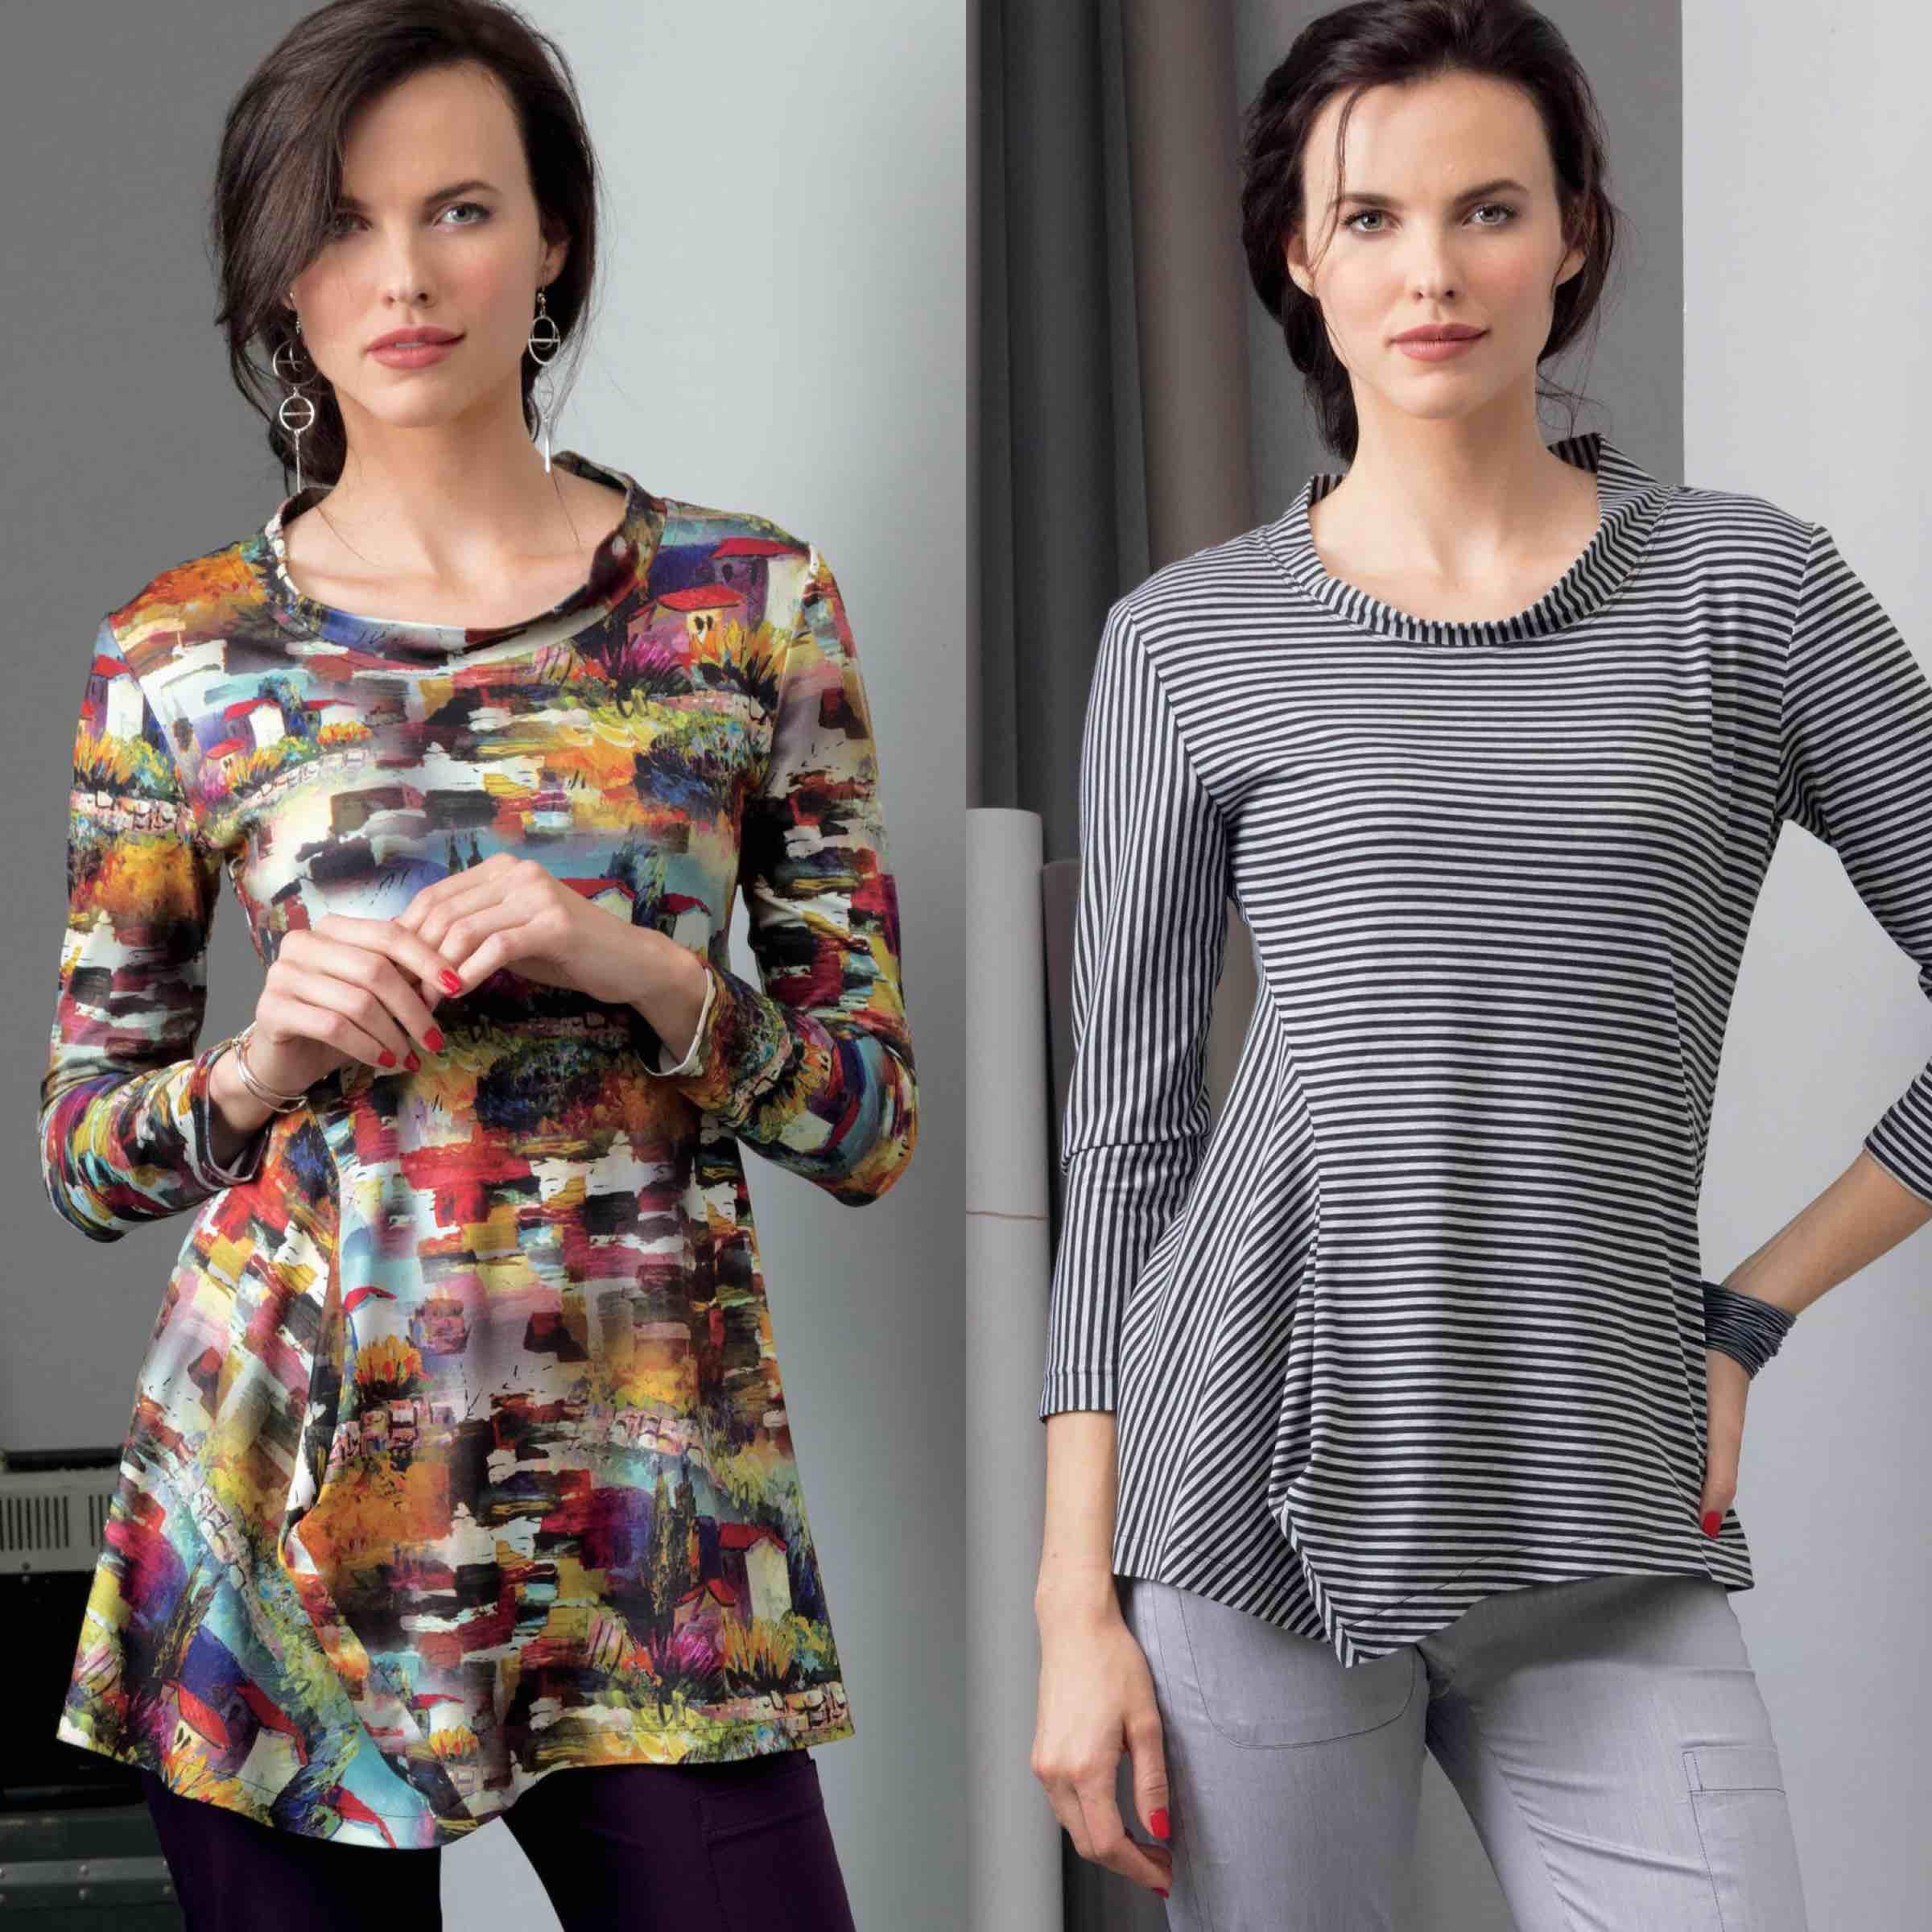 Vogue Patterns fashion designer Marcy Tilton shares sewing tips for her tunic pattern design V9300.